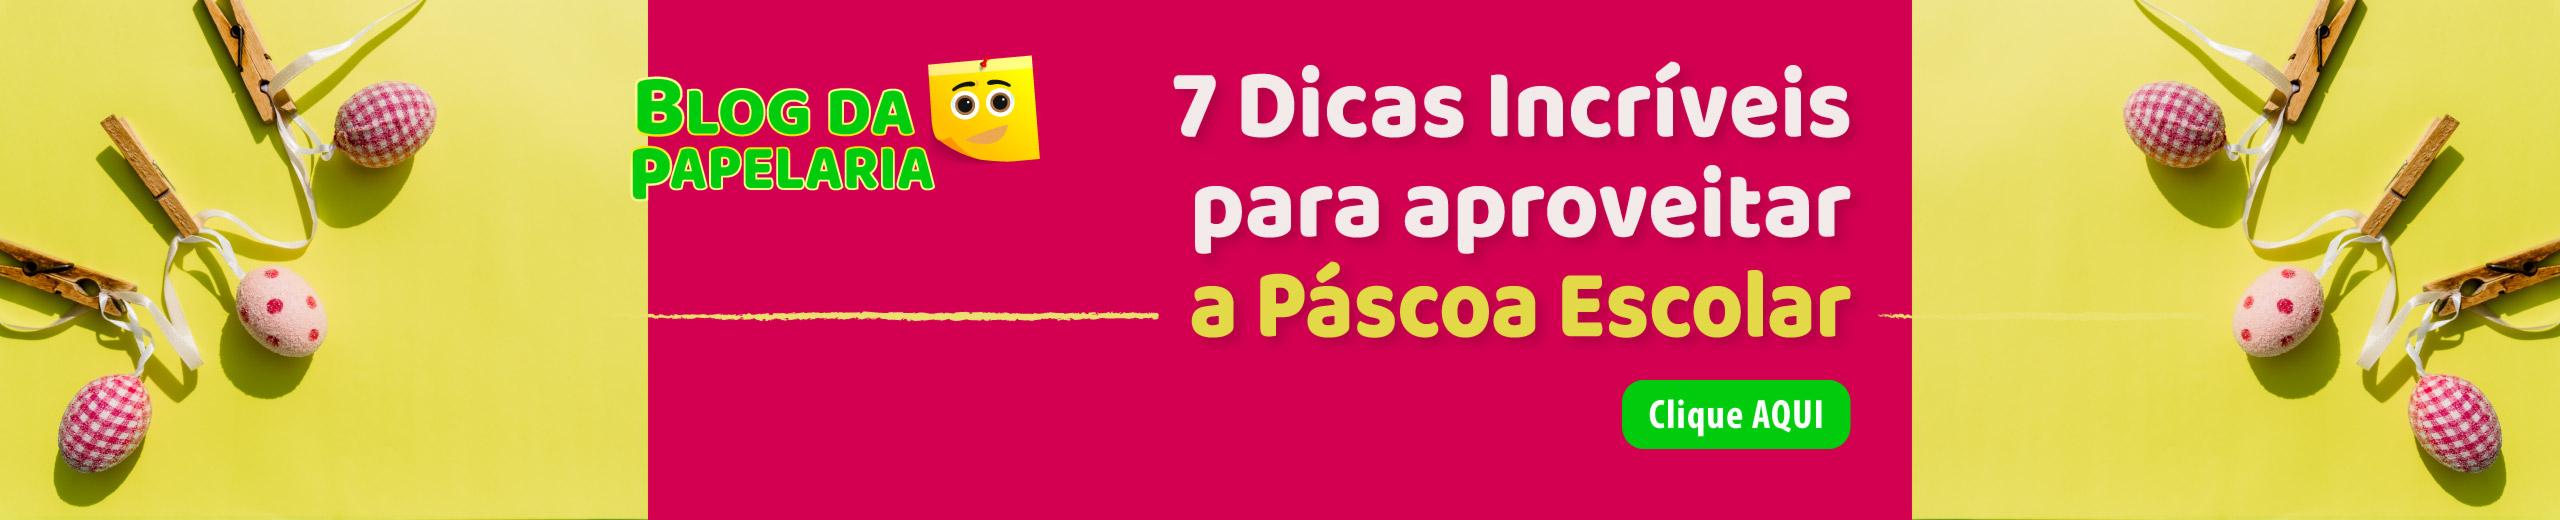 7-DICAS-INCRIVEIS-PARA-APROVEITAR-A-PASCOA-ESCOLAR